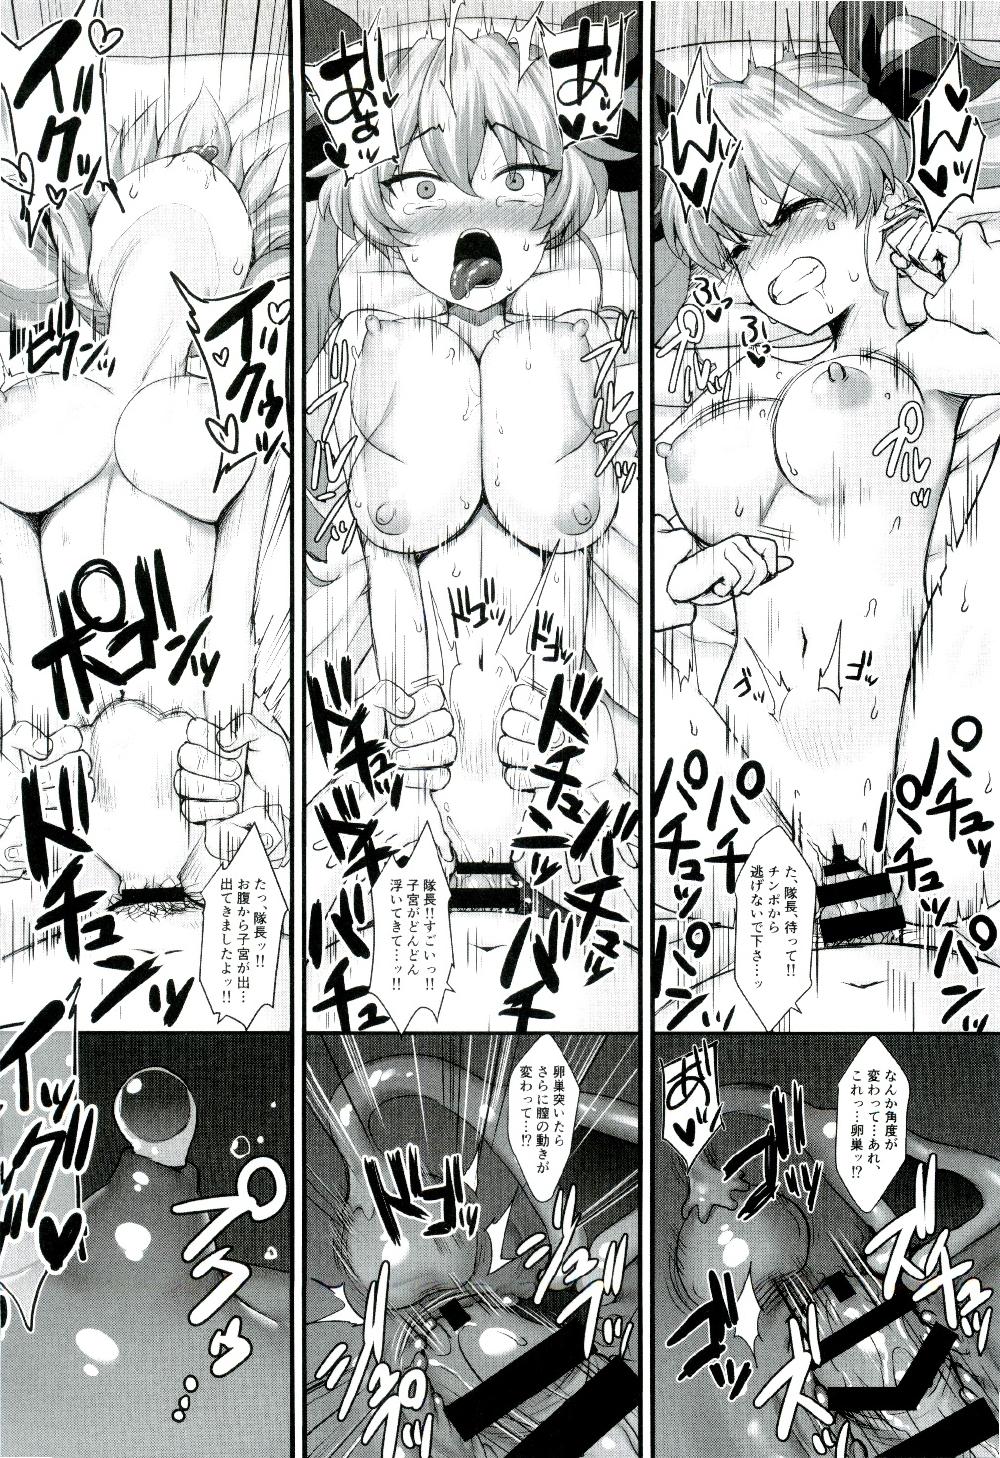 【エロ漫画】イってるとか関係ねぇ!!今からこのロリ巨乳JKを孕むまで無責任中出ししまくるぞ!!!